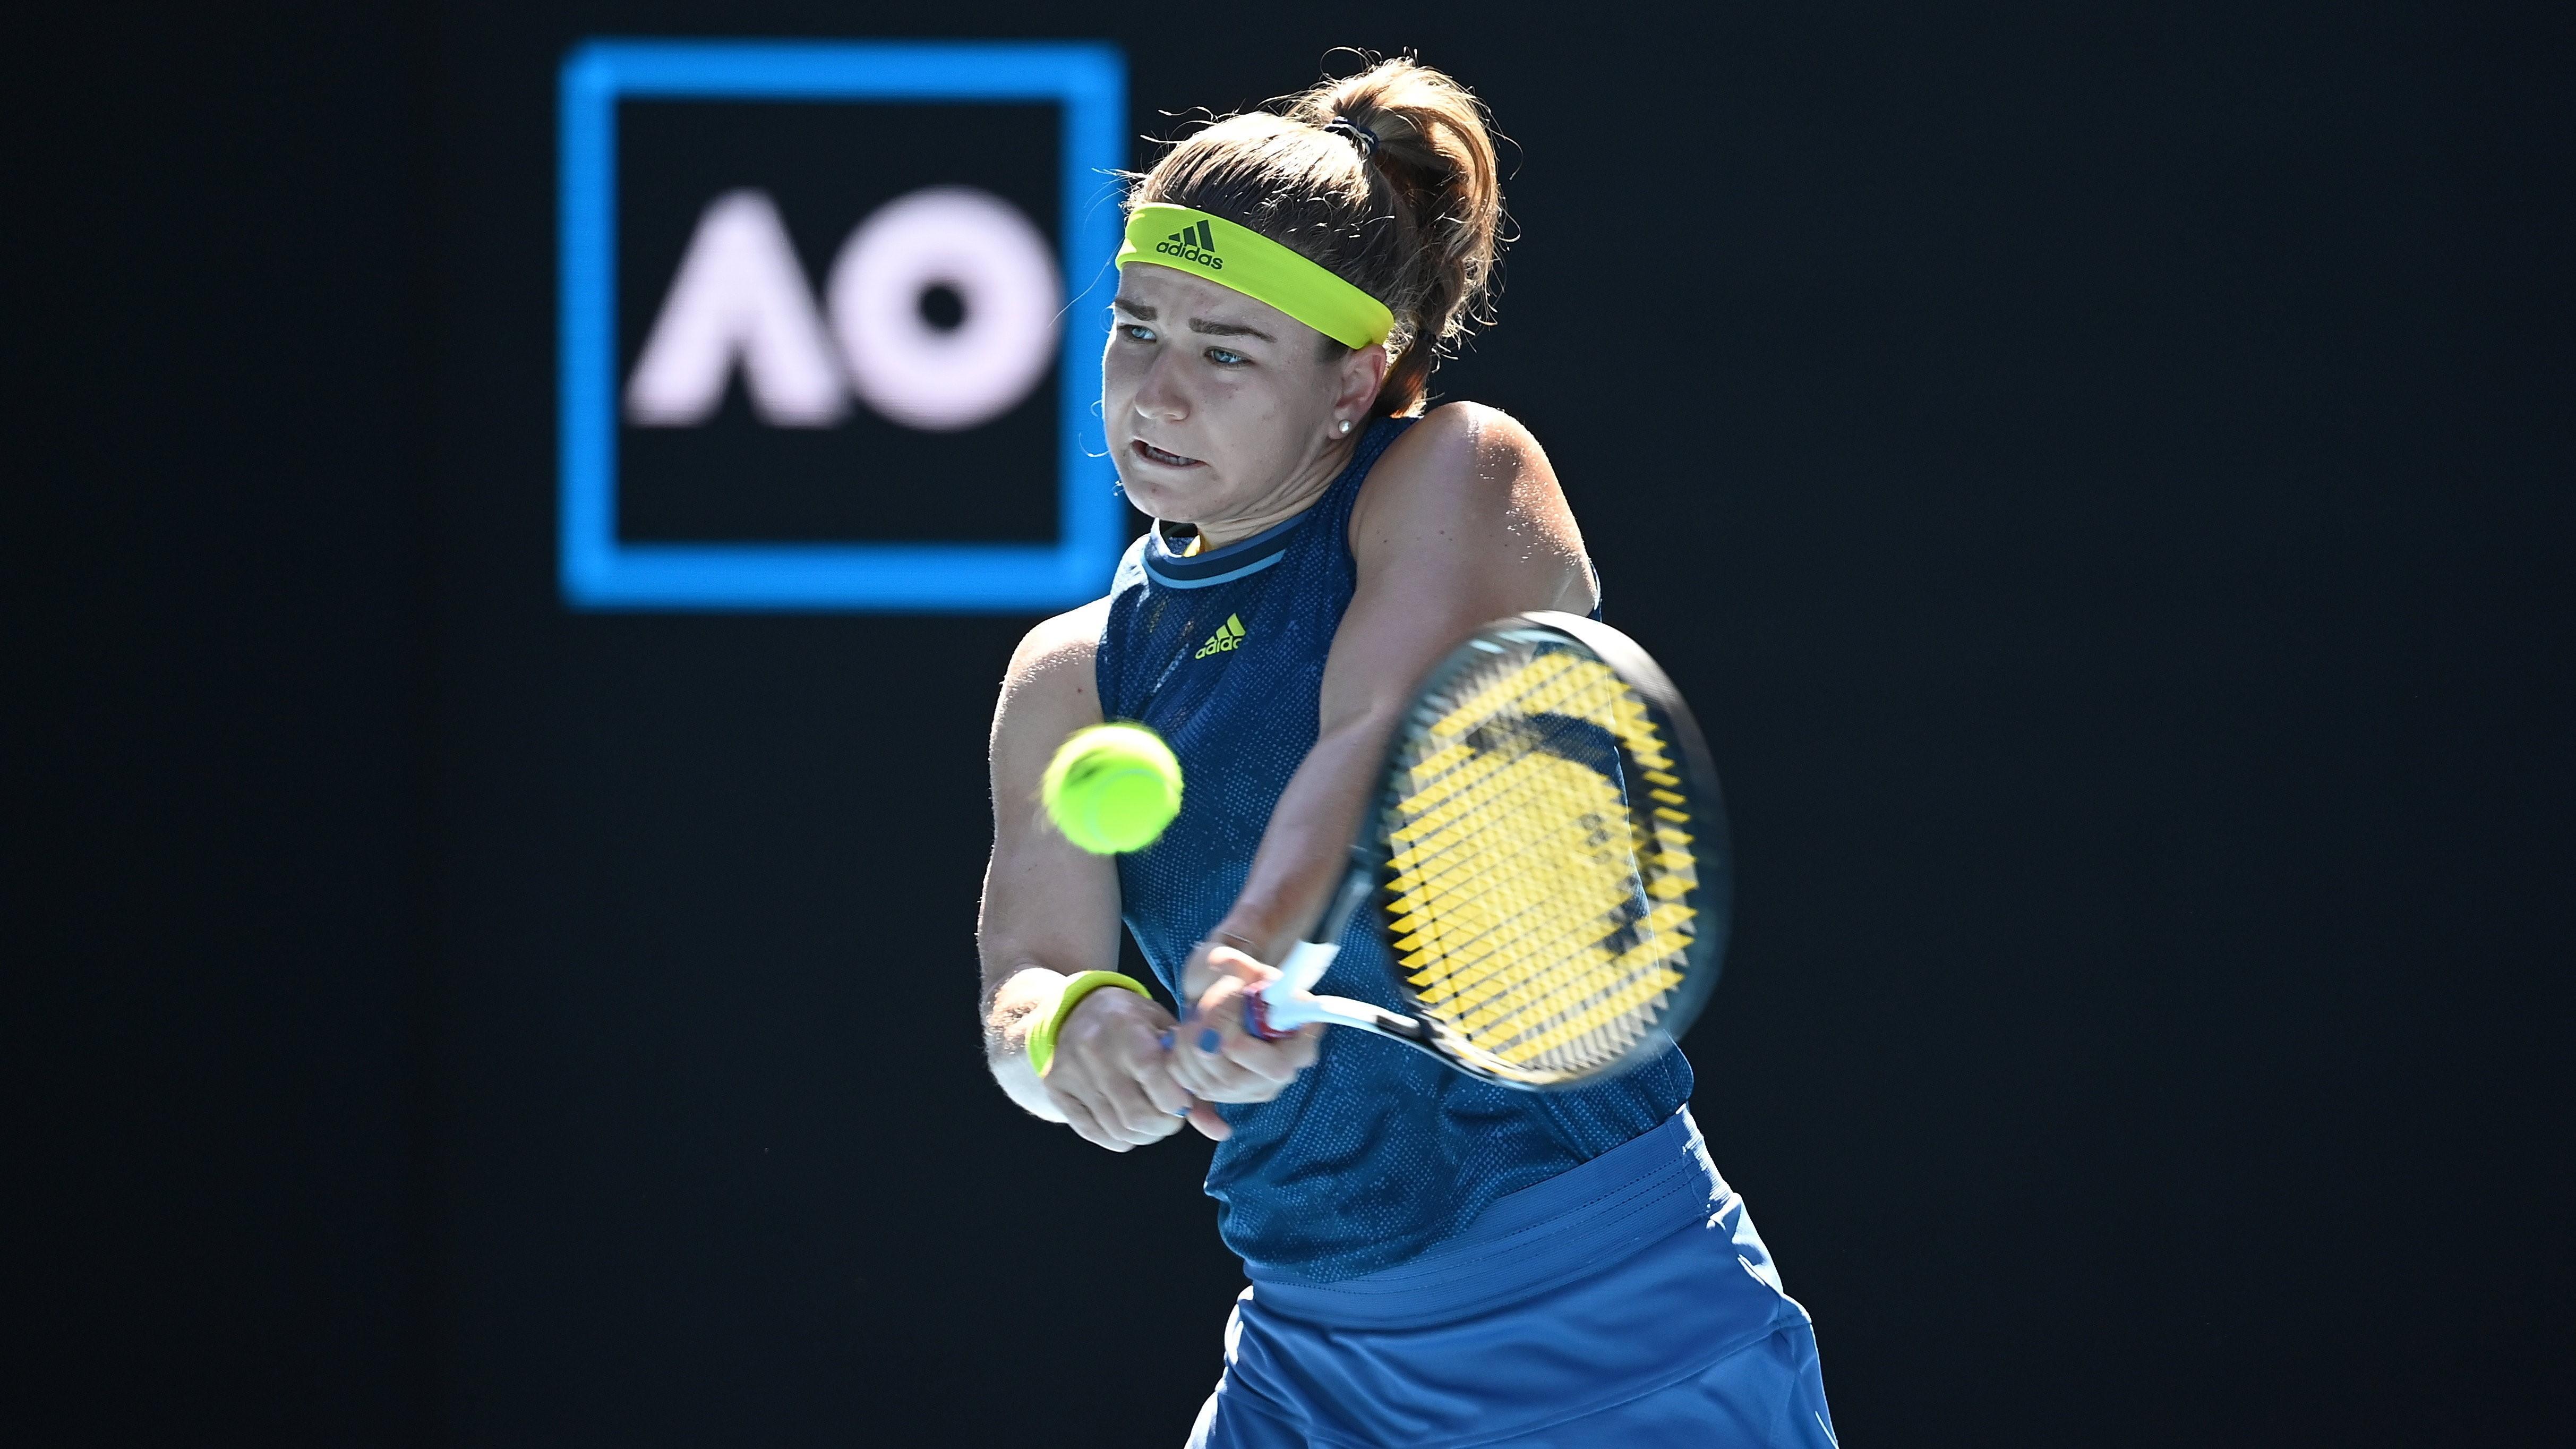 A cseh Karolina Muchova az amerikai Jennifer Brady ellen játszik az ausztrál nemzetközi teniszbajnokság női egyesének elődöntőjében Melbourne-ben 2021. február 18-án.